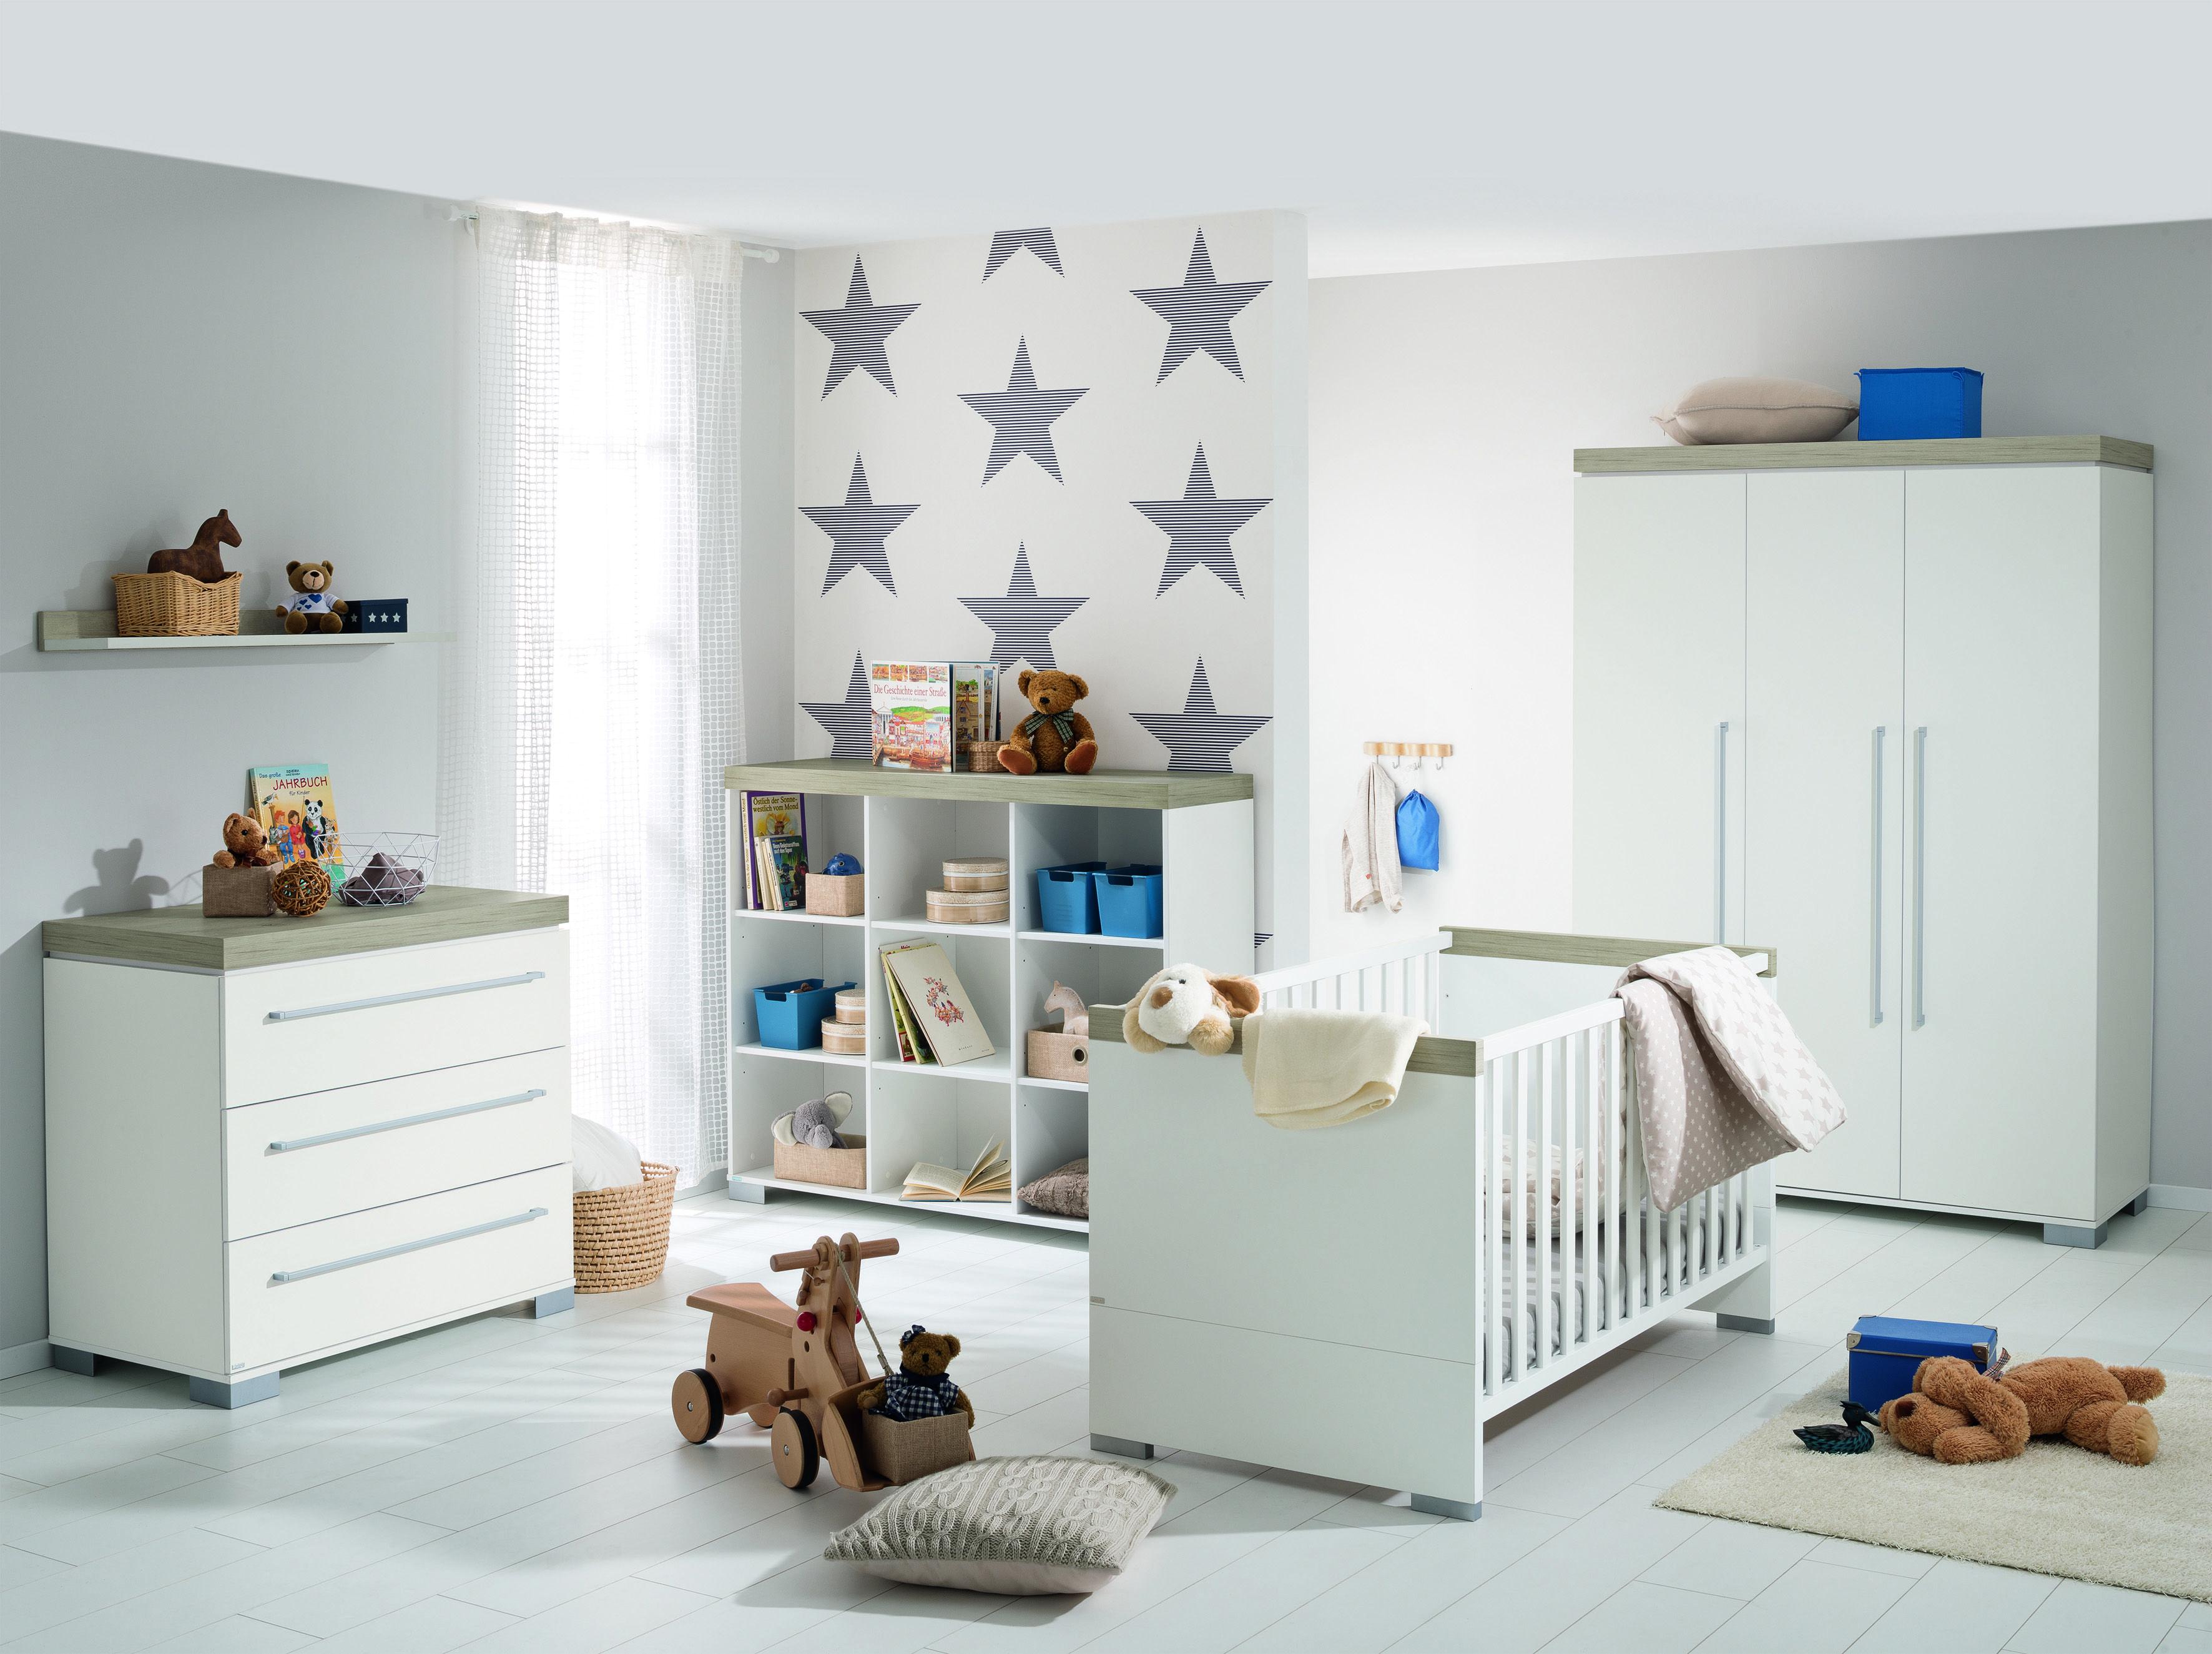 PAIDI KIRA   Elegantes Babyzimmer Design Mit Klaren Linien In Kreideweiß /  Eiche Nautik Nachbildung